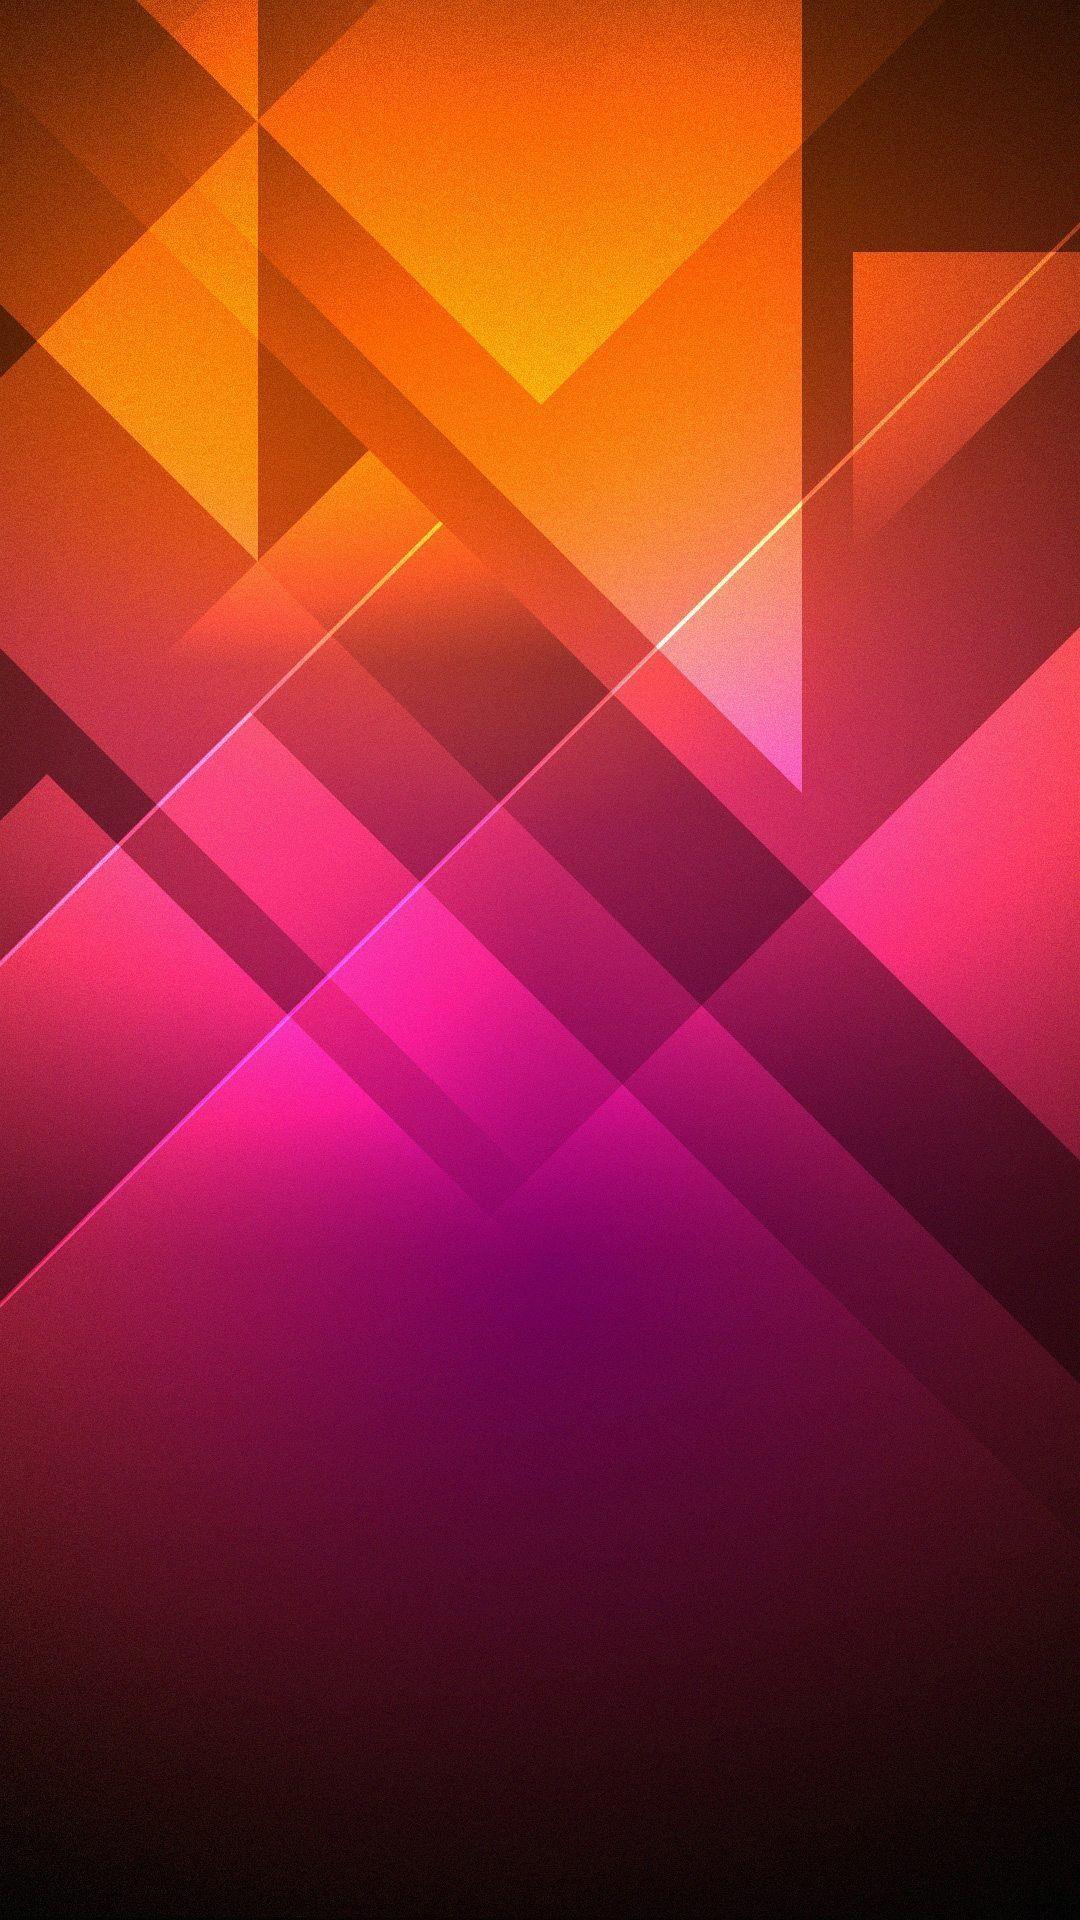 Best 1000 wallpapers blog: Wallpapers for smartphones